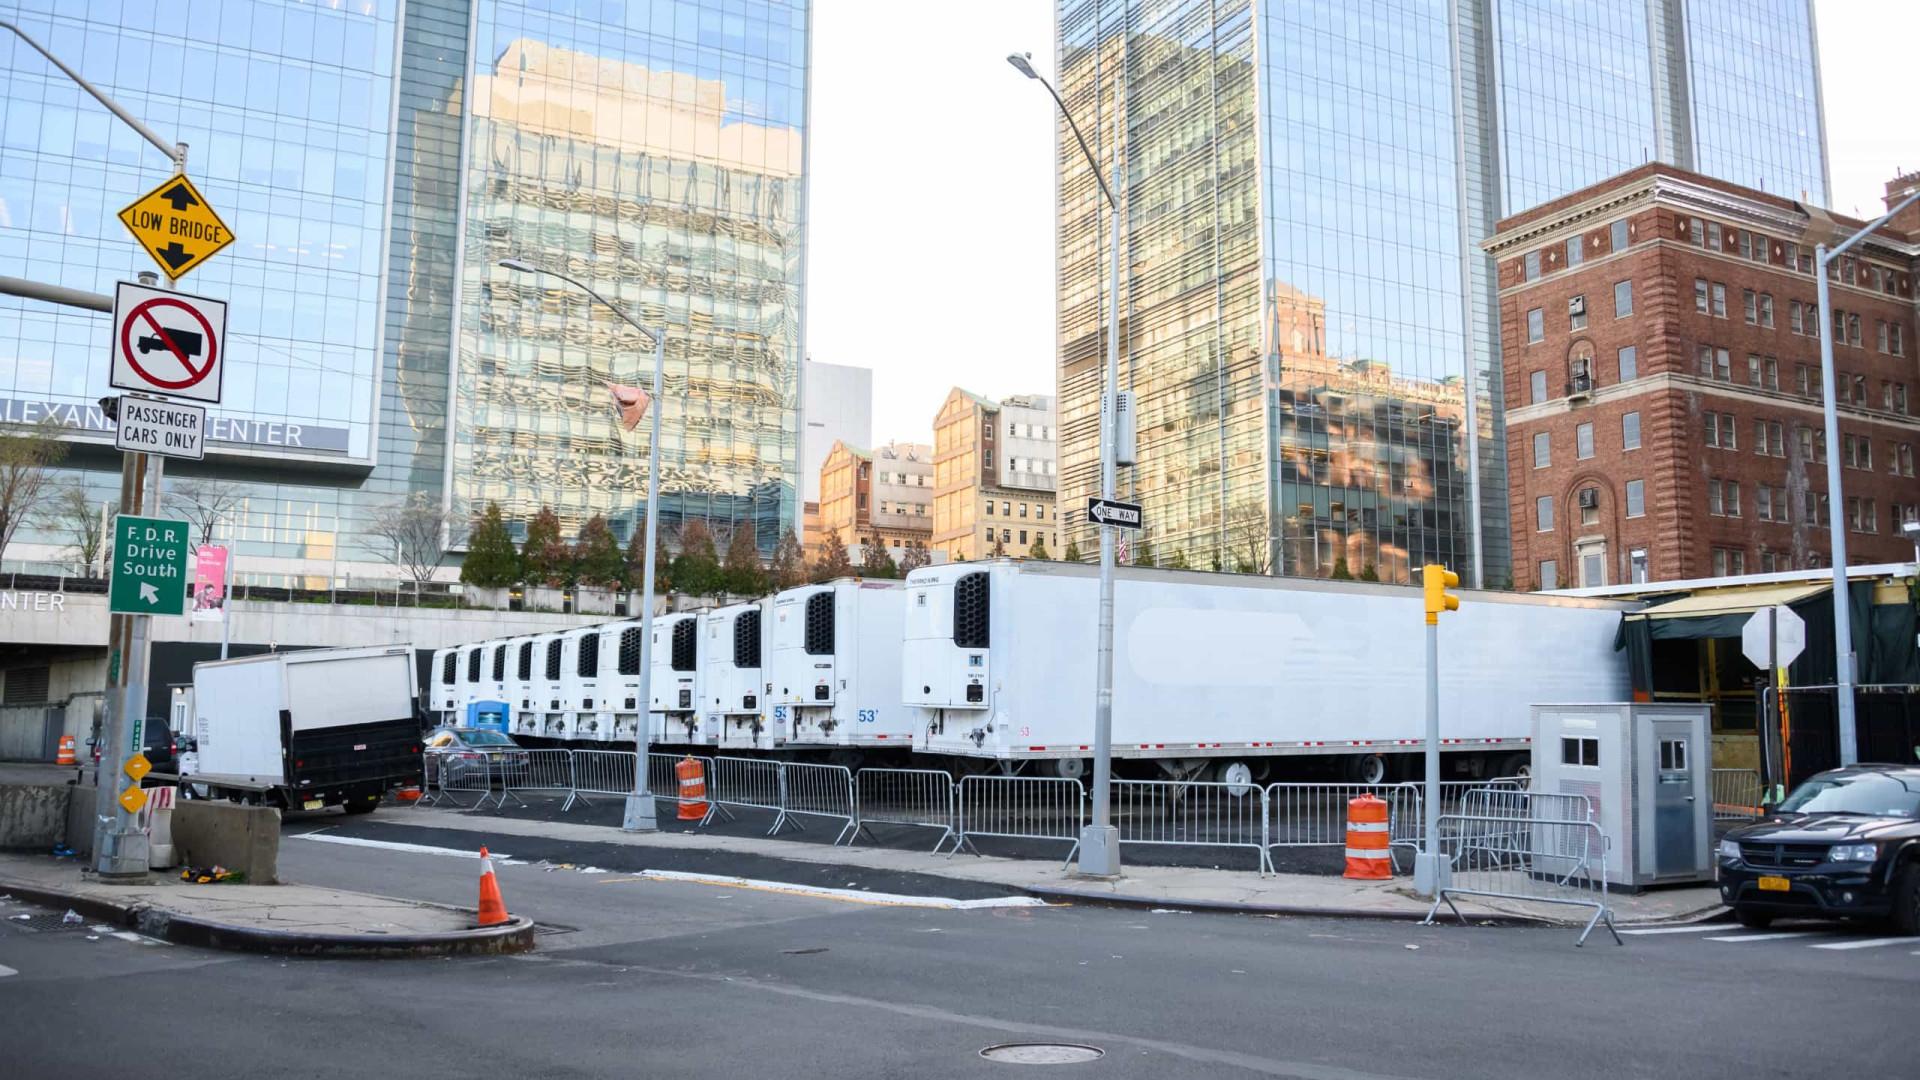 NY: Corpos ficam em caminhões por famílias não terem dinheiro de enterros